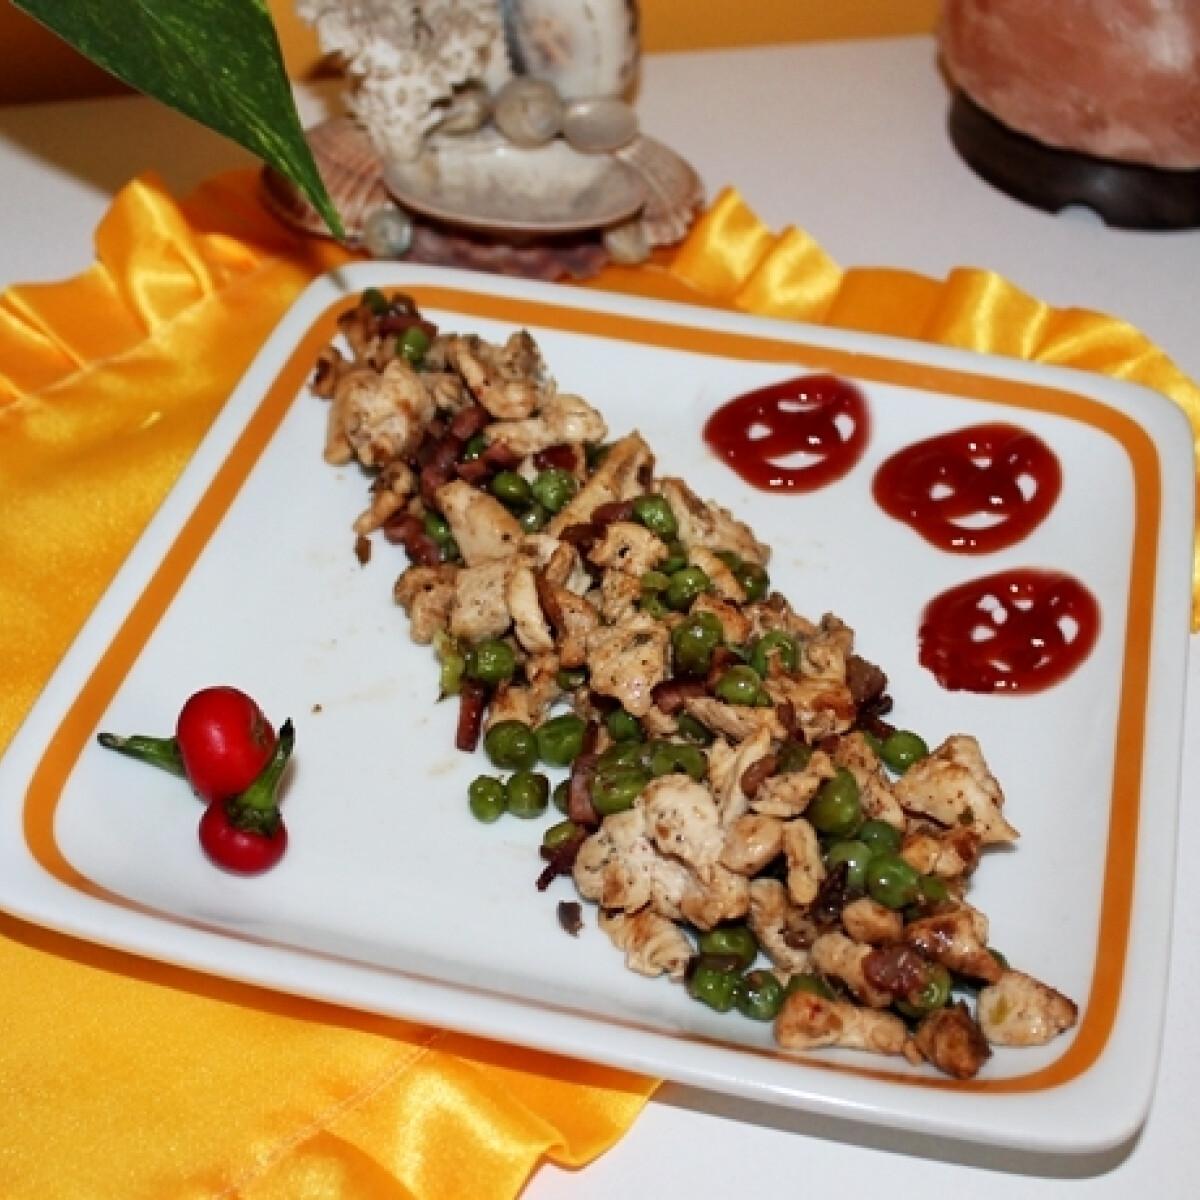 Ezen a képen: Diétás zöldborsós pulykamellragu ropogós hagymával